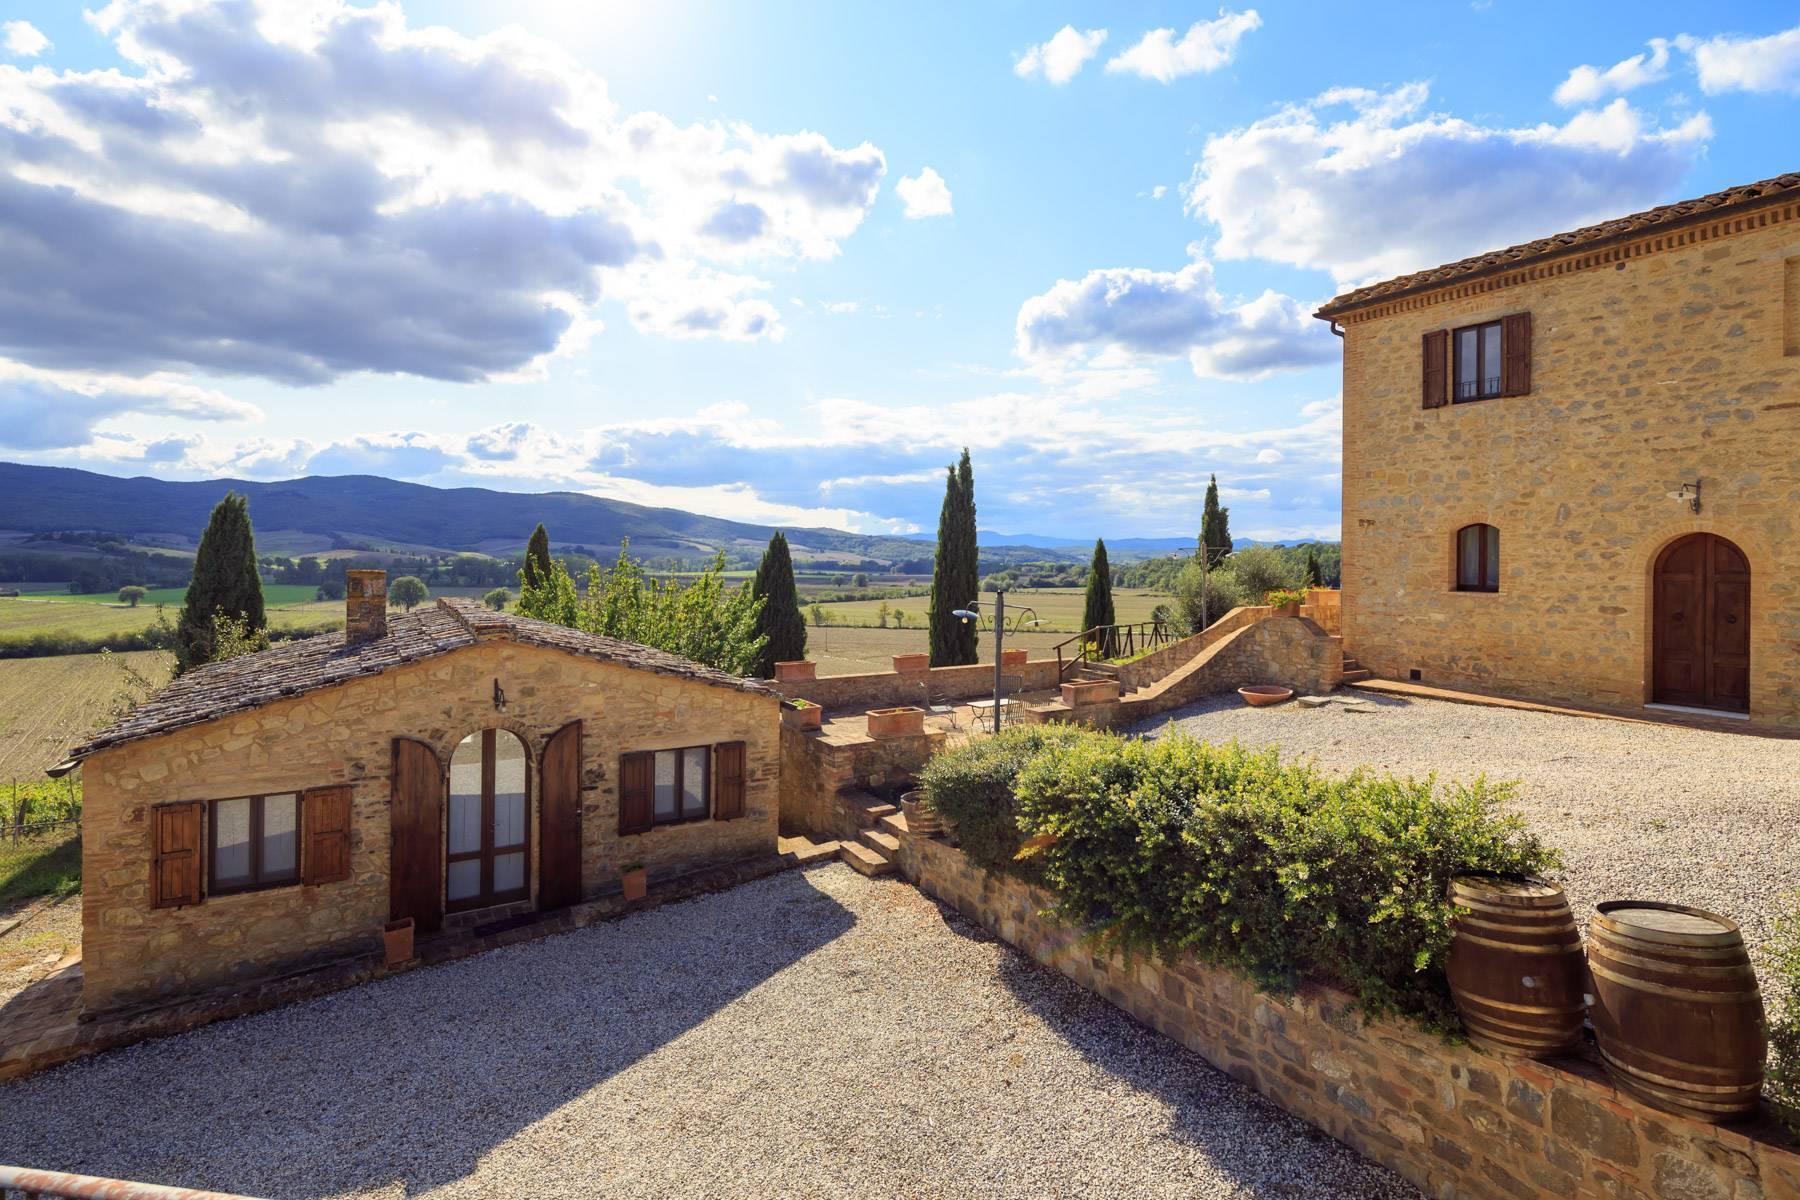 Exklusives Anwesen in der Nähe von Siena - 8